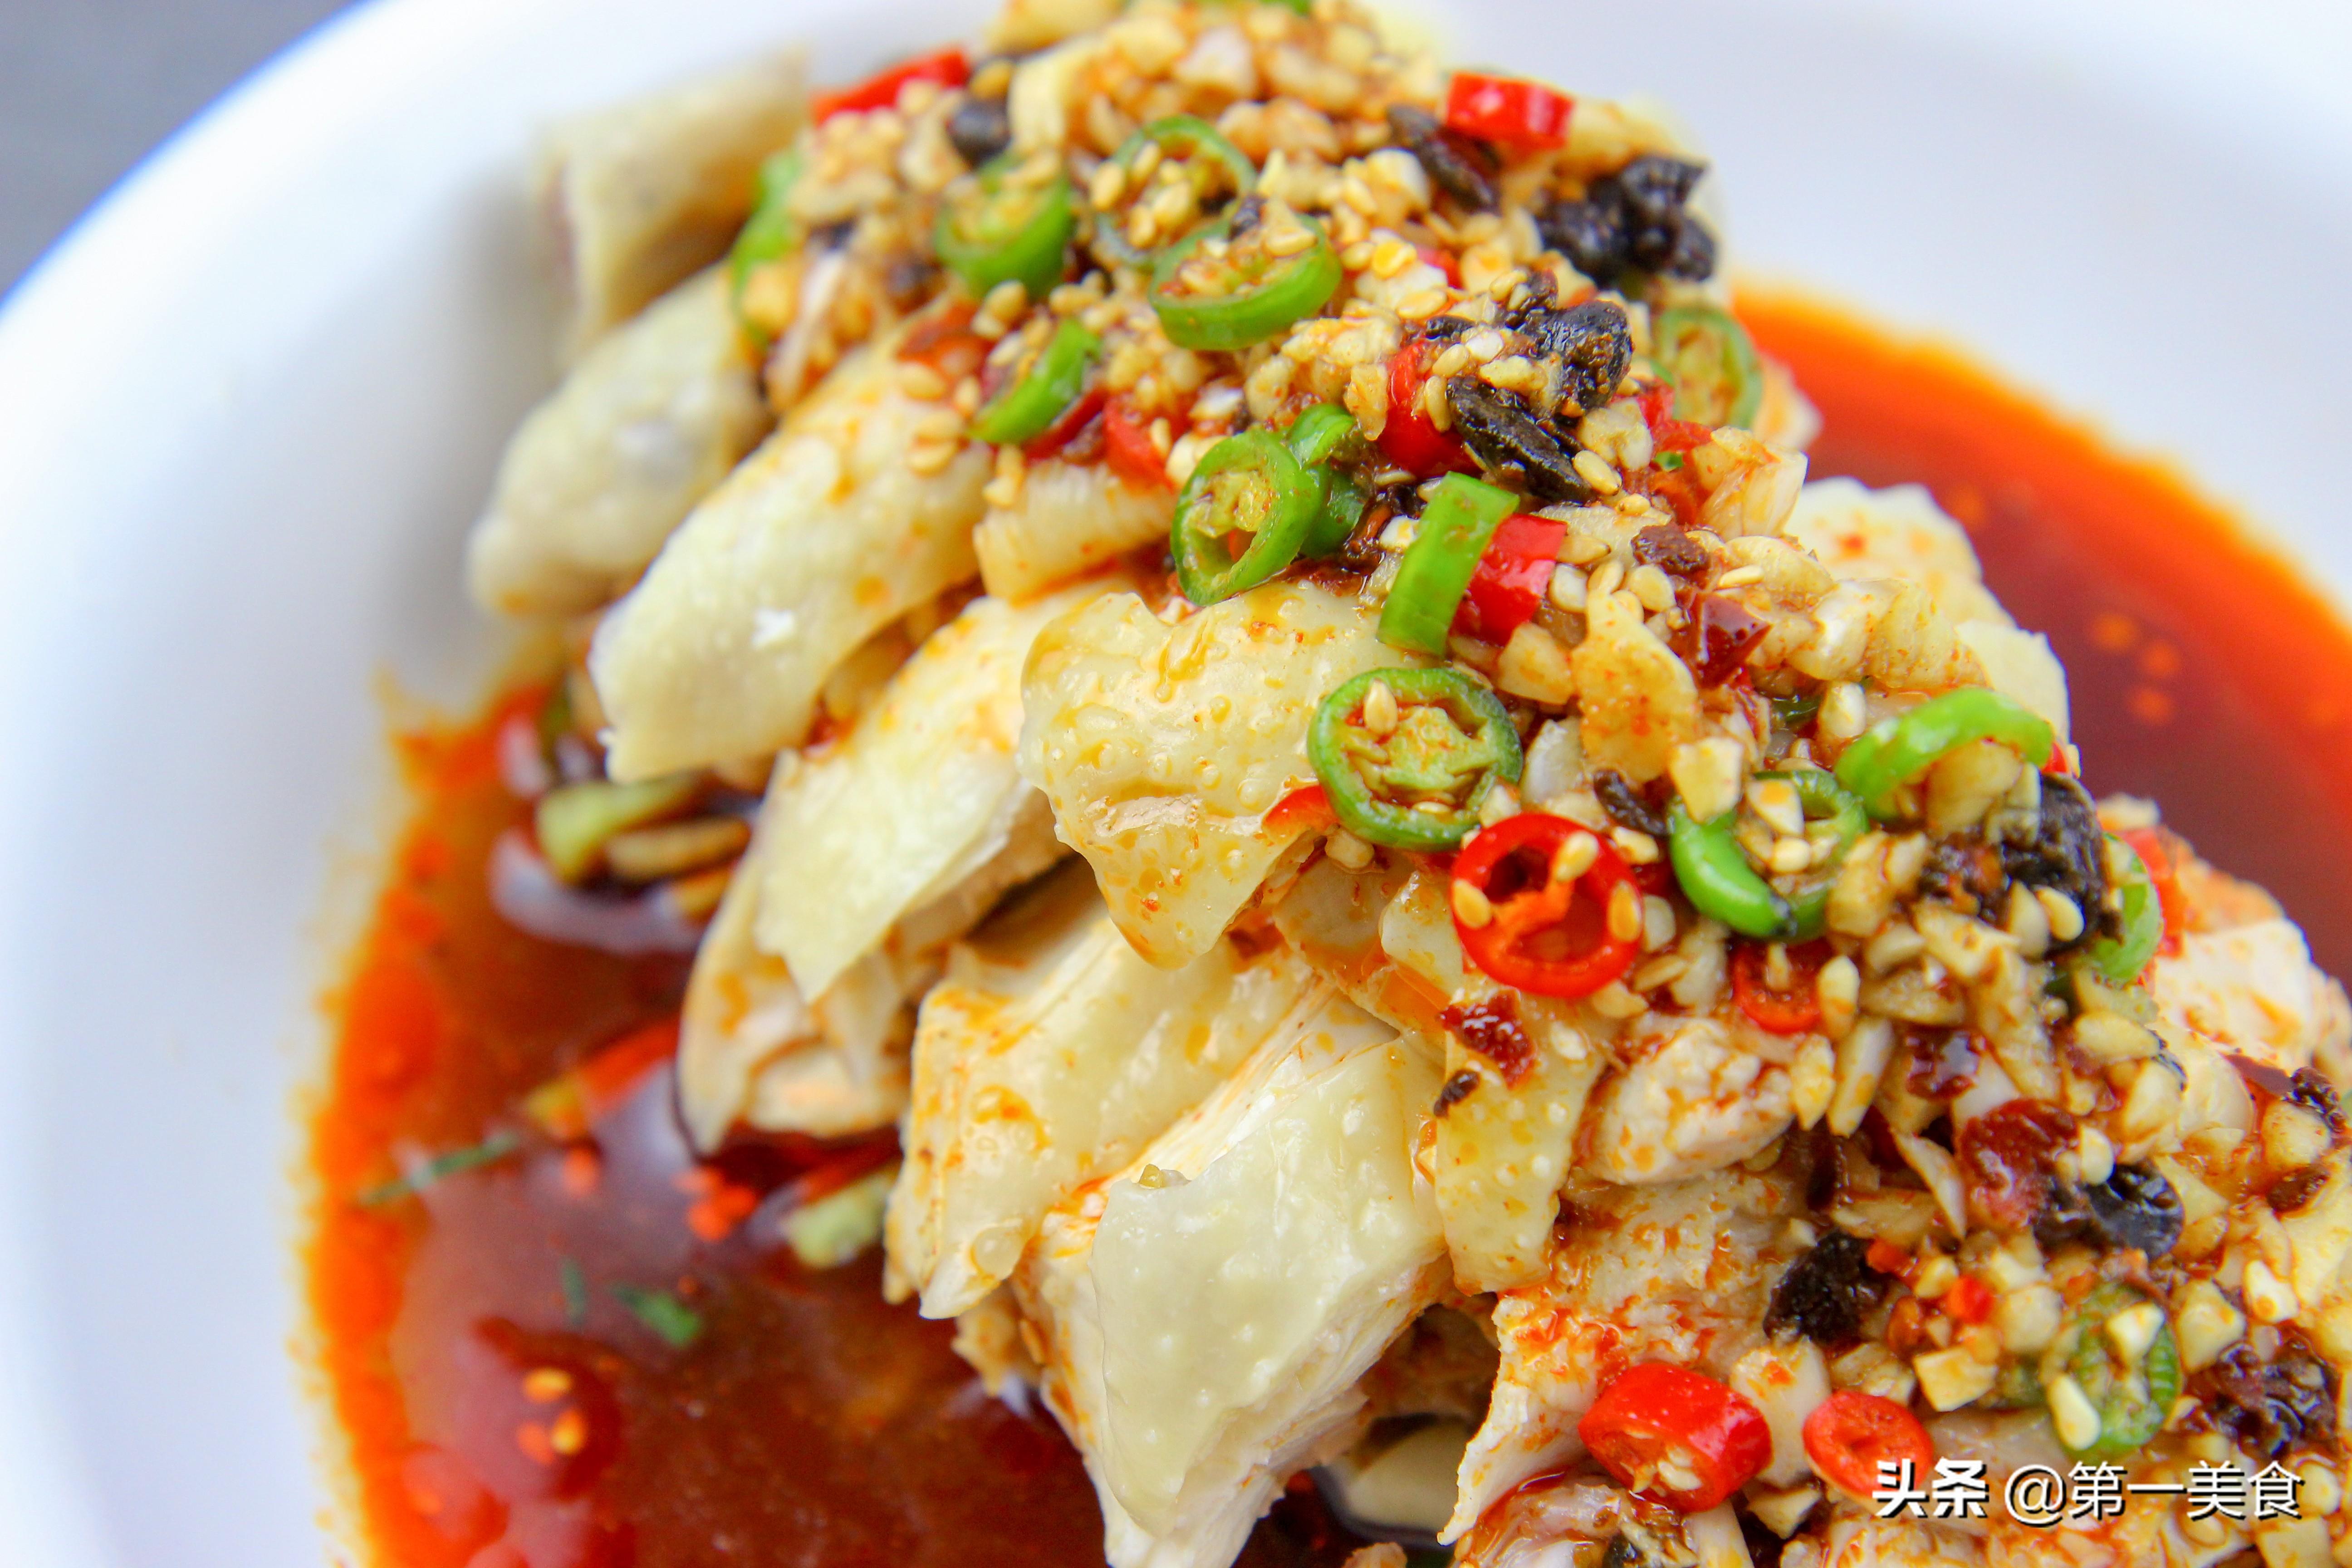 川味口水鸡怎样做又嫩又滑 厨师长分享这几招 肉质鲜嫩又香辣